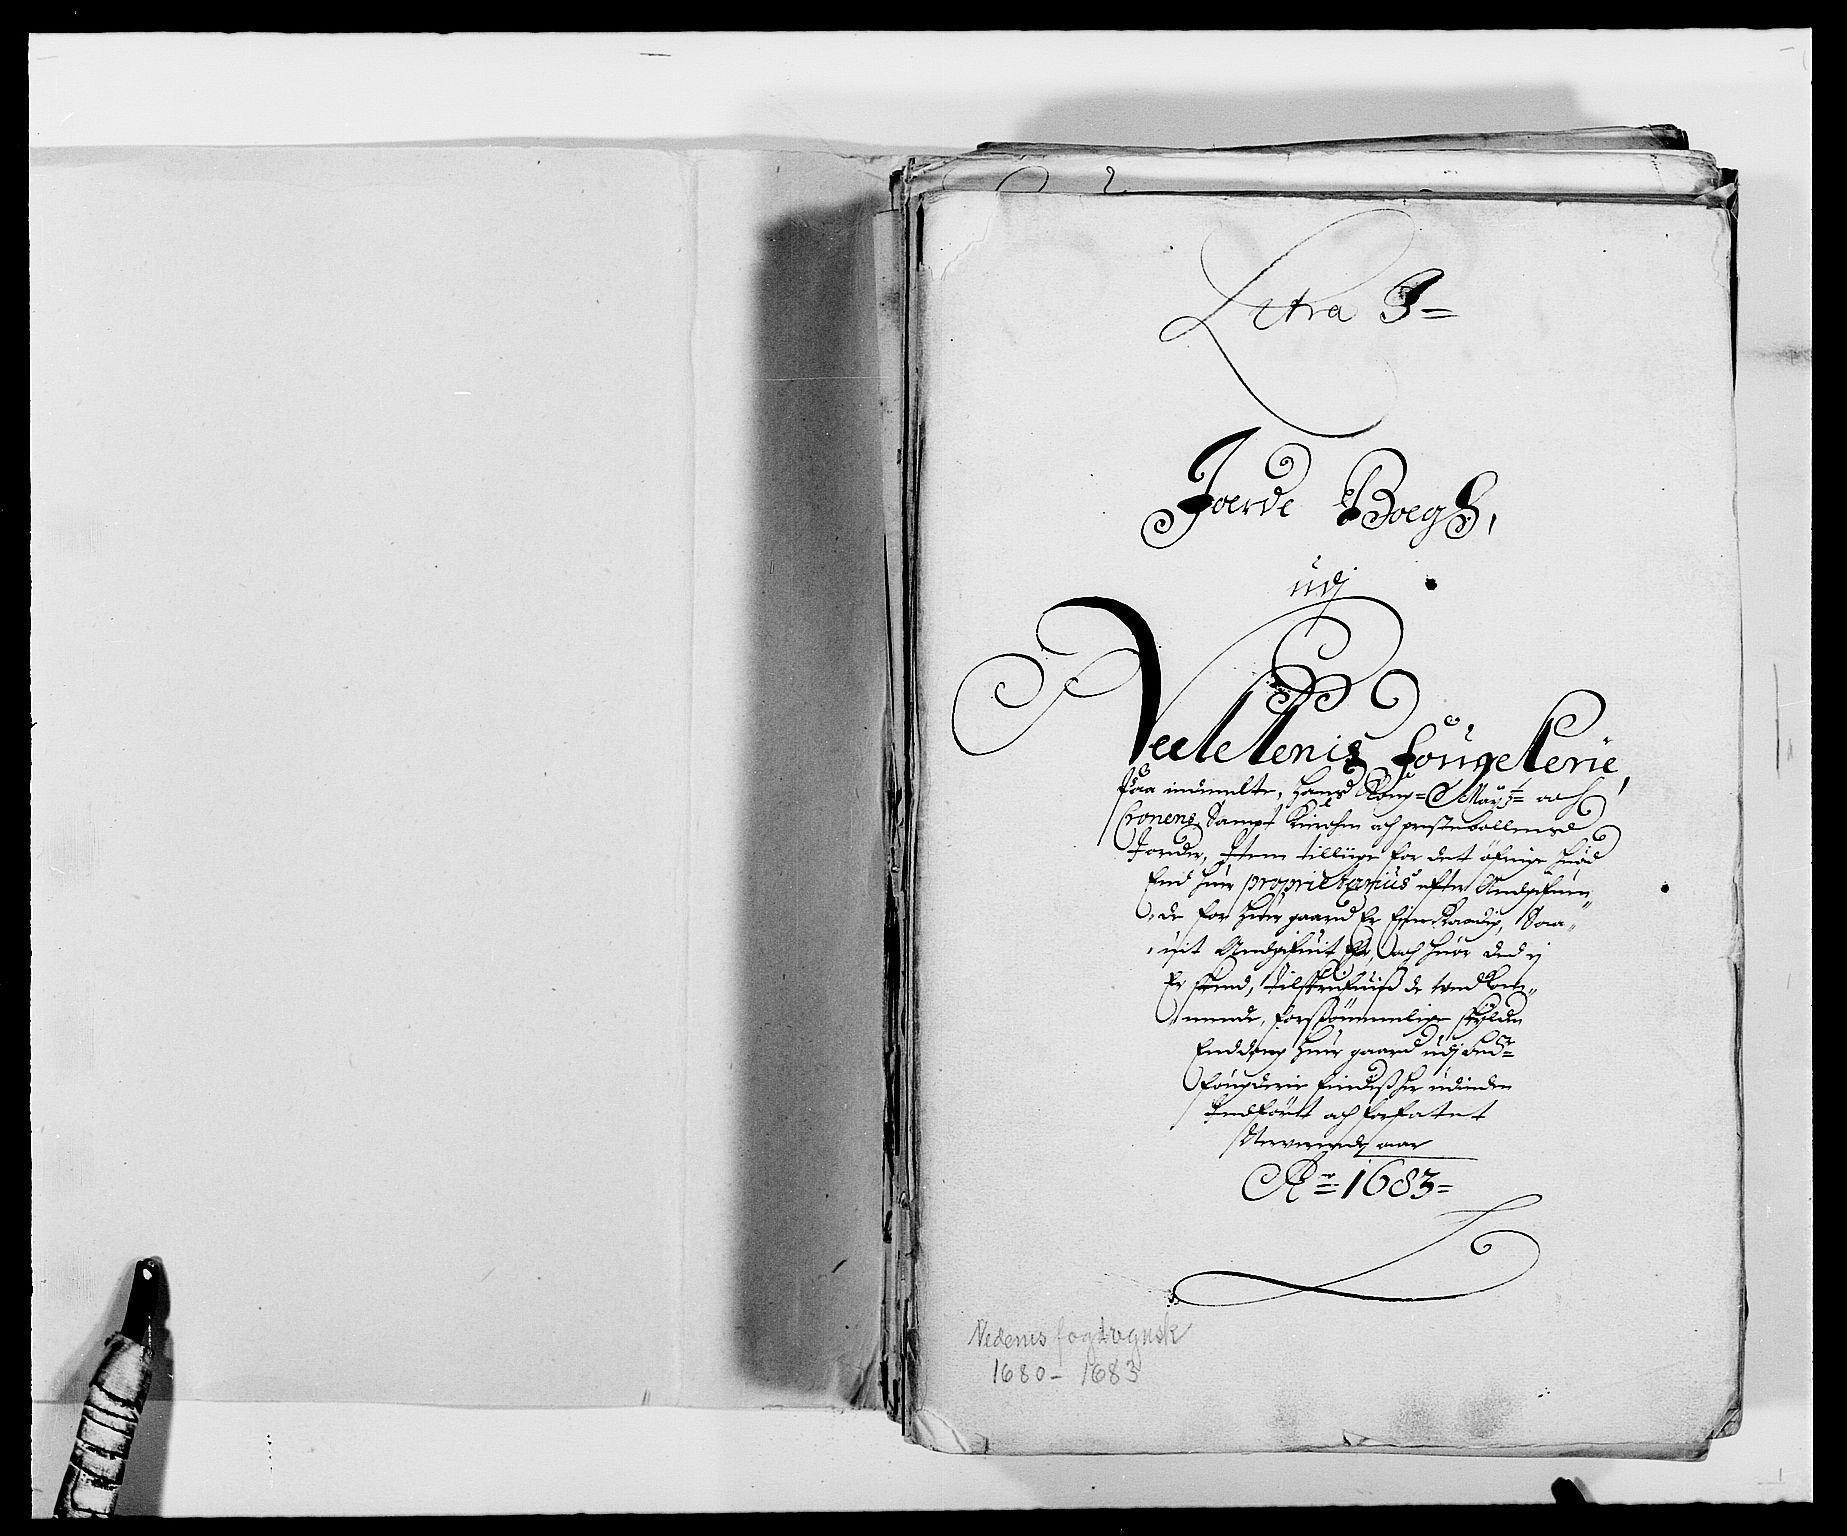 RA, Rentekammeret inntil 1814, Reviderte regnskaper, Fogderegnskap, R39/L2305: Fogderegnskap Nedenes, 1683, s. 2